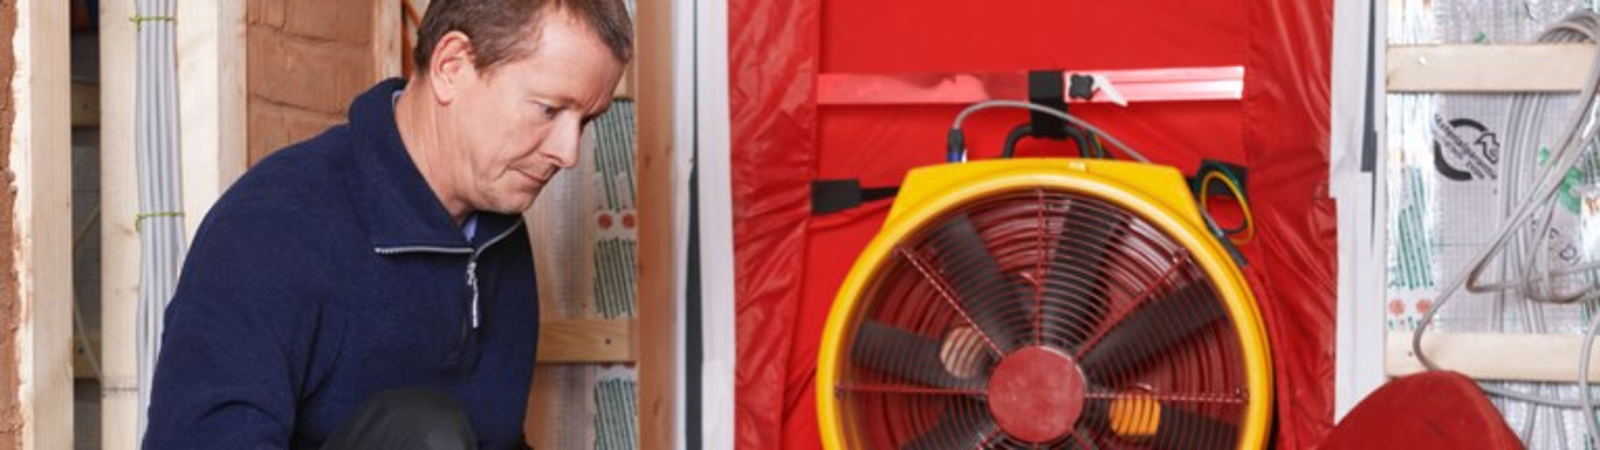 Blower-Door-Test zeigt, ob Haus lückenlos dicht ist